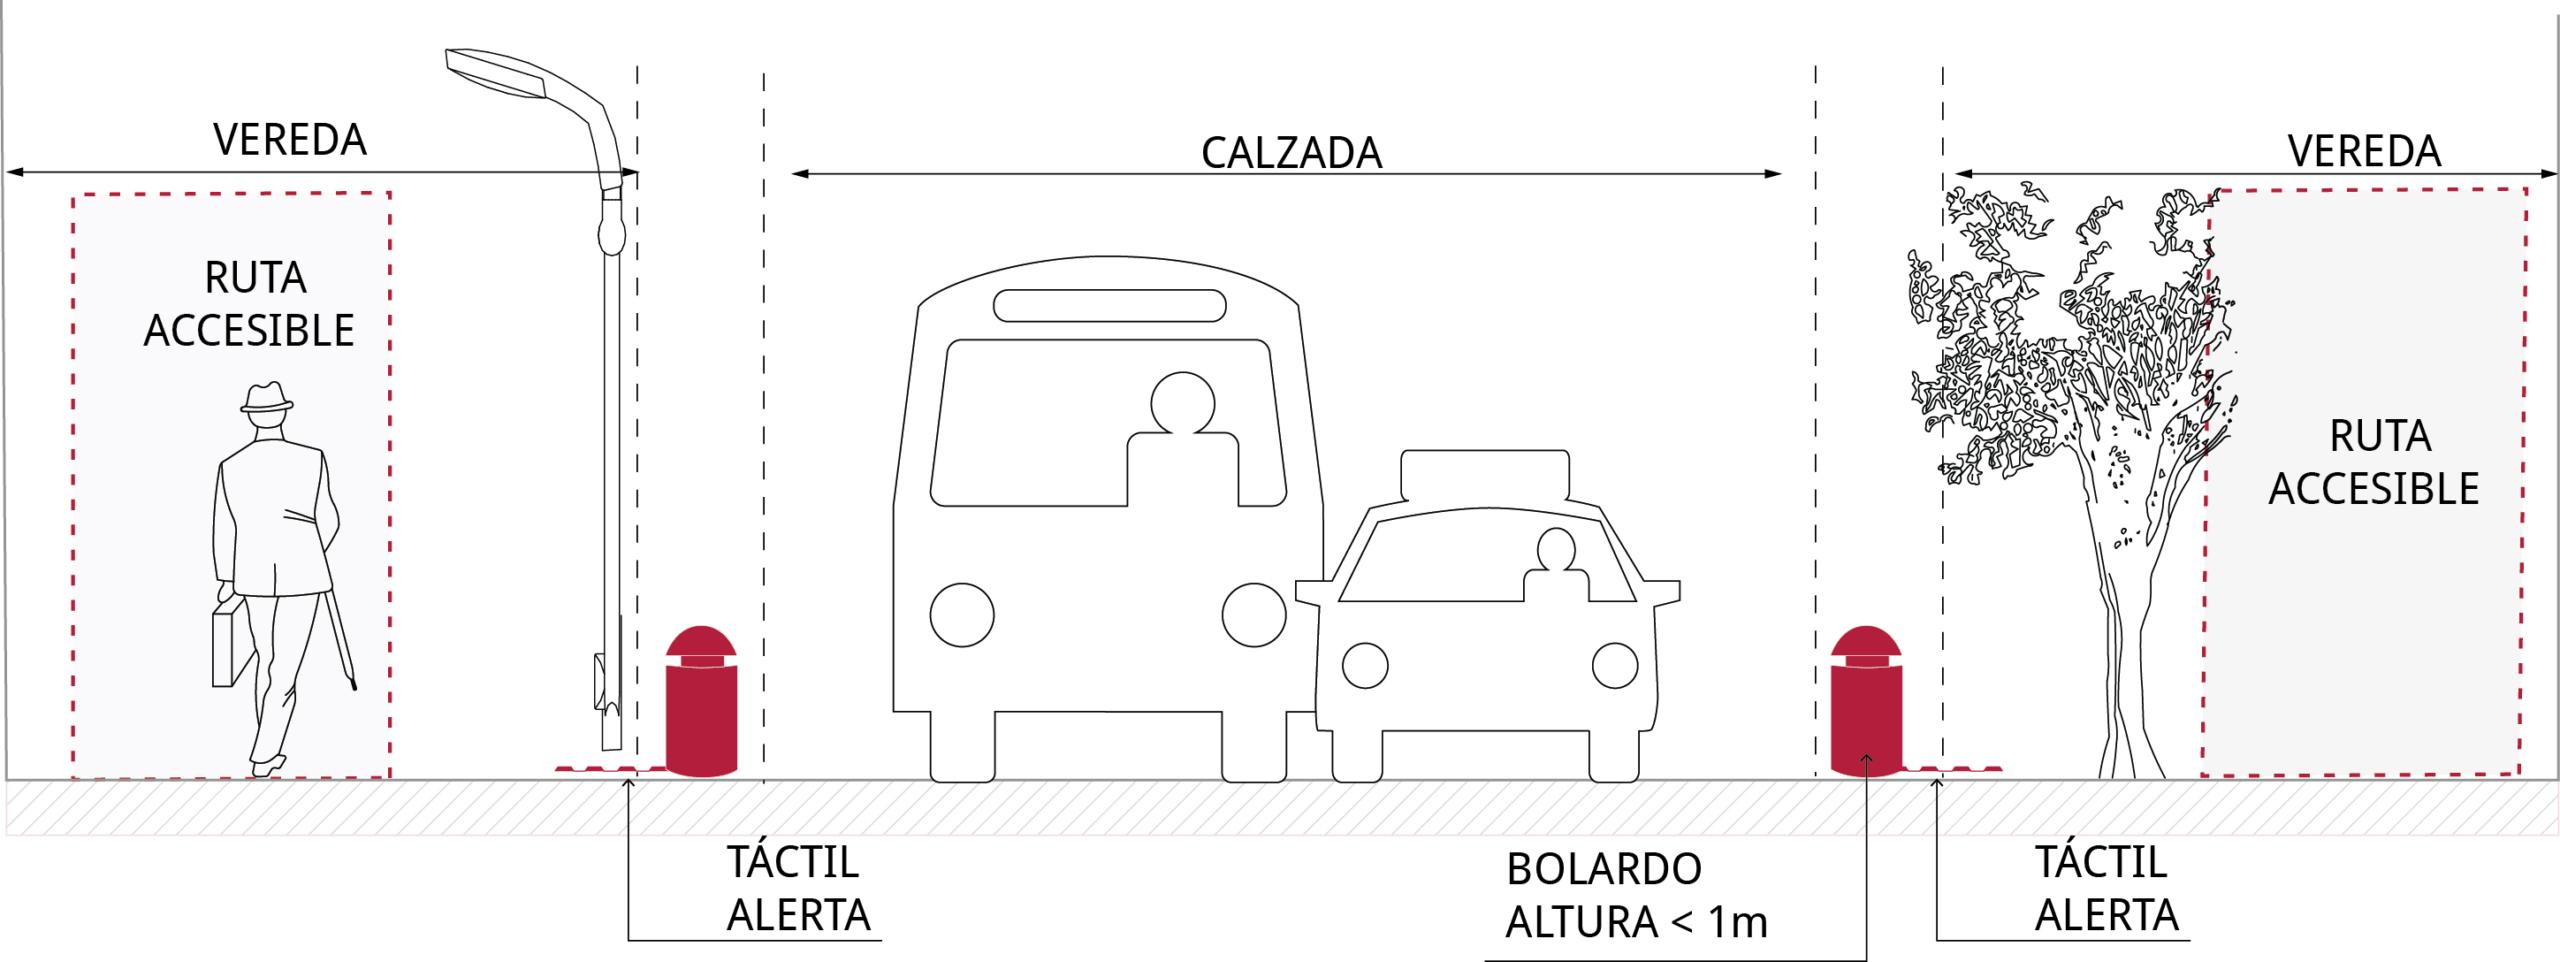 Figura muestra la calzada y vereda a un mismo nivel separadas por bolardos de un metro de alto como lo indica la norma